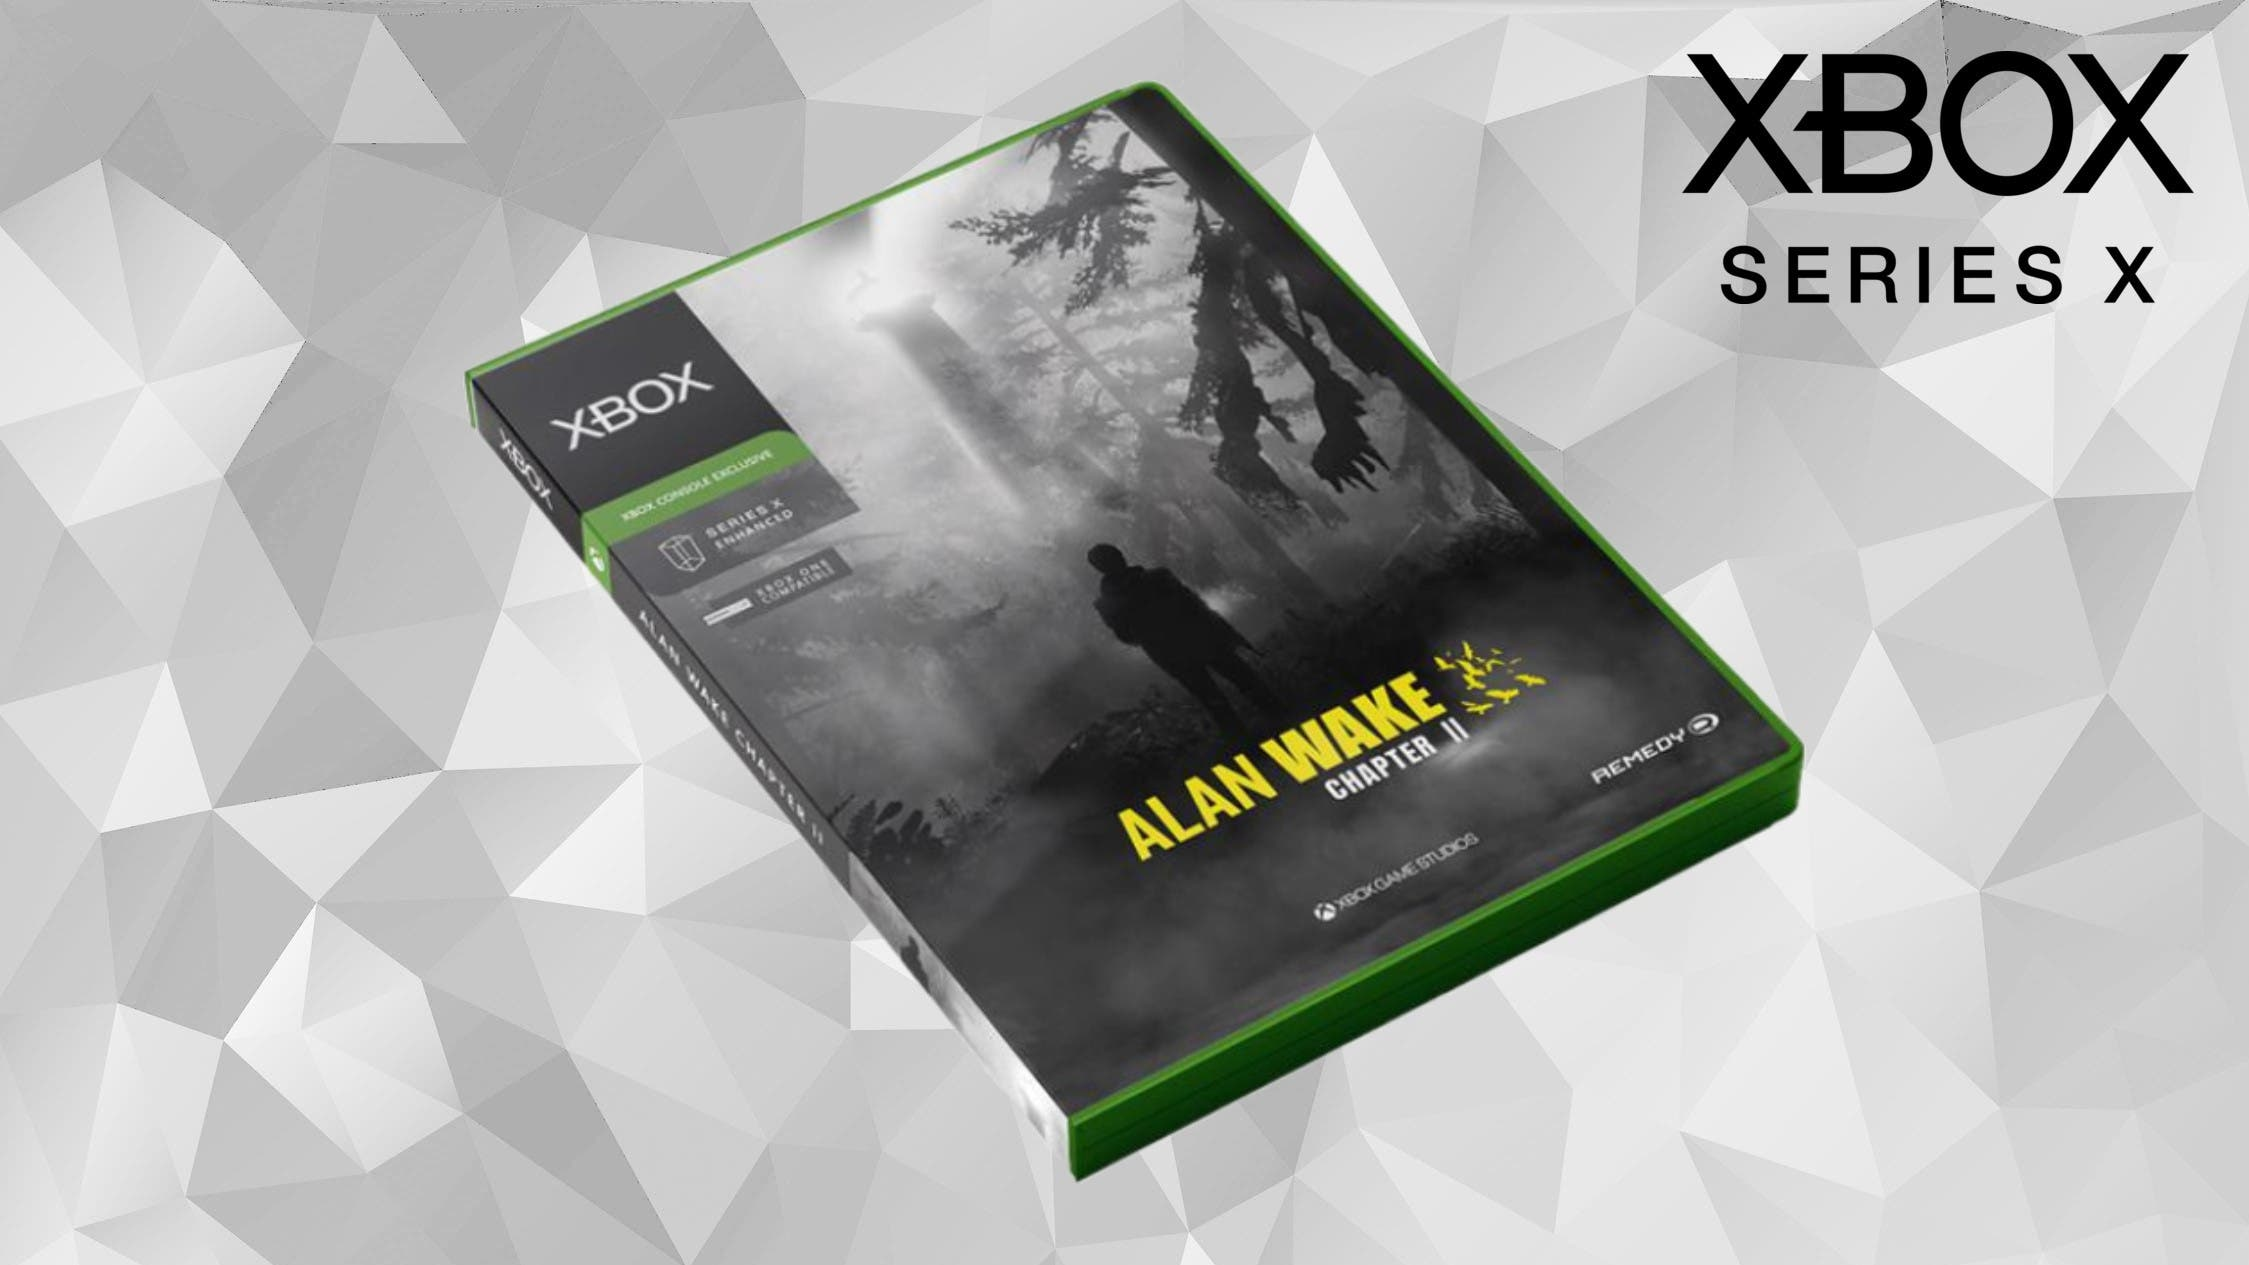 Así es el nuevo y elegante concept art de las cajas de juegos de Xbox Series X 2